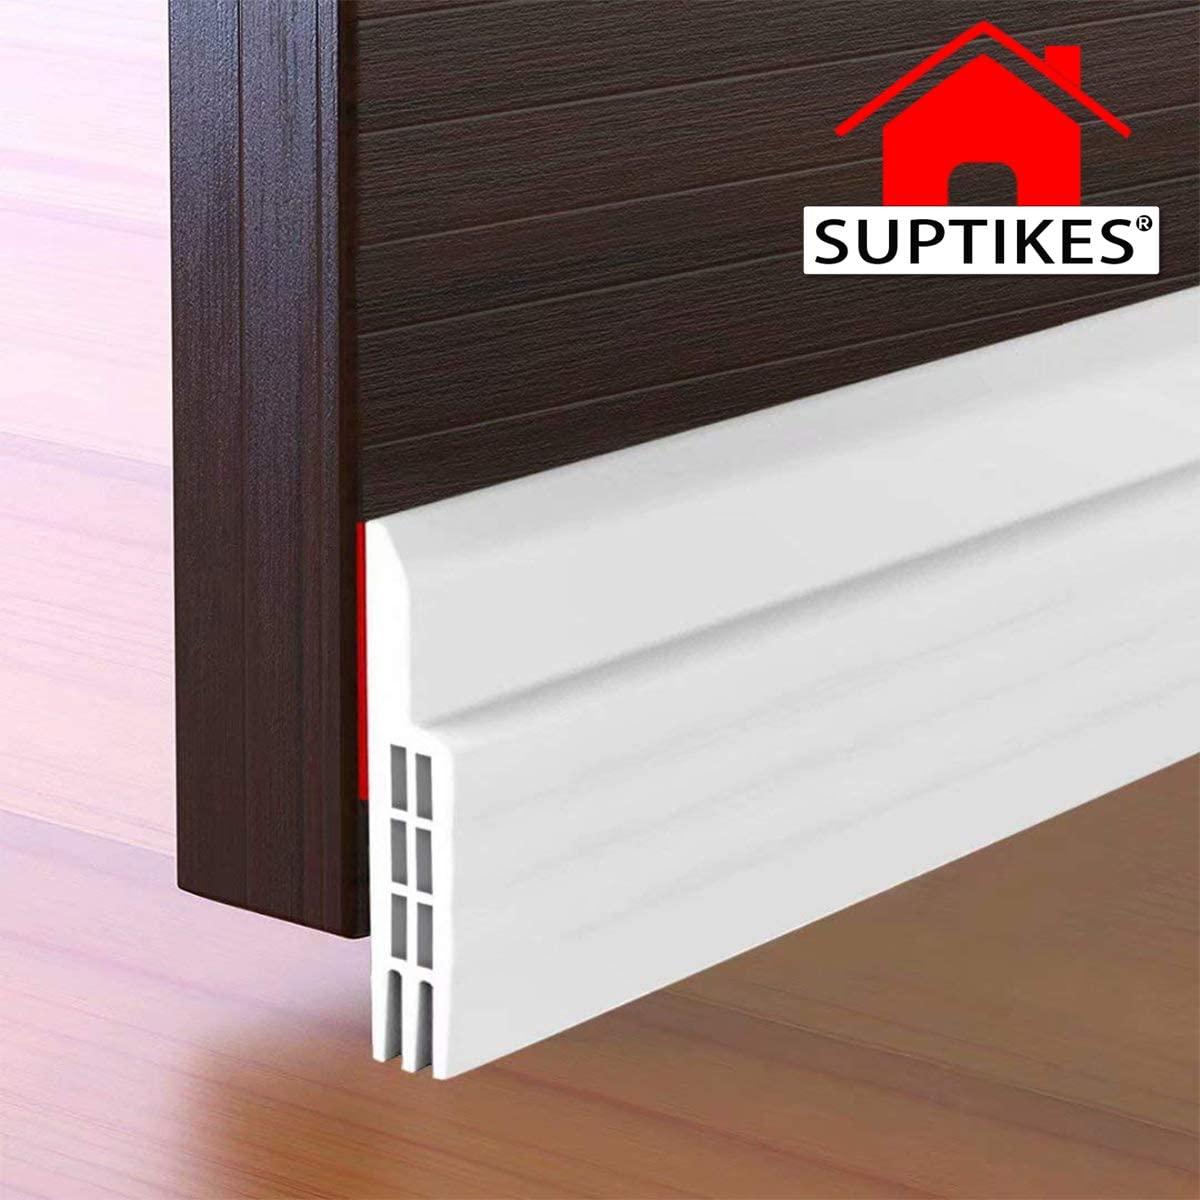 Suptikes Door Draft Stopper Under Door Seal